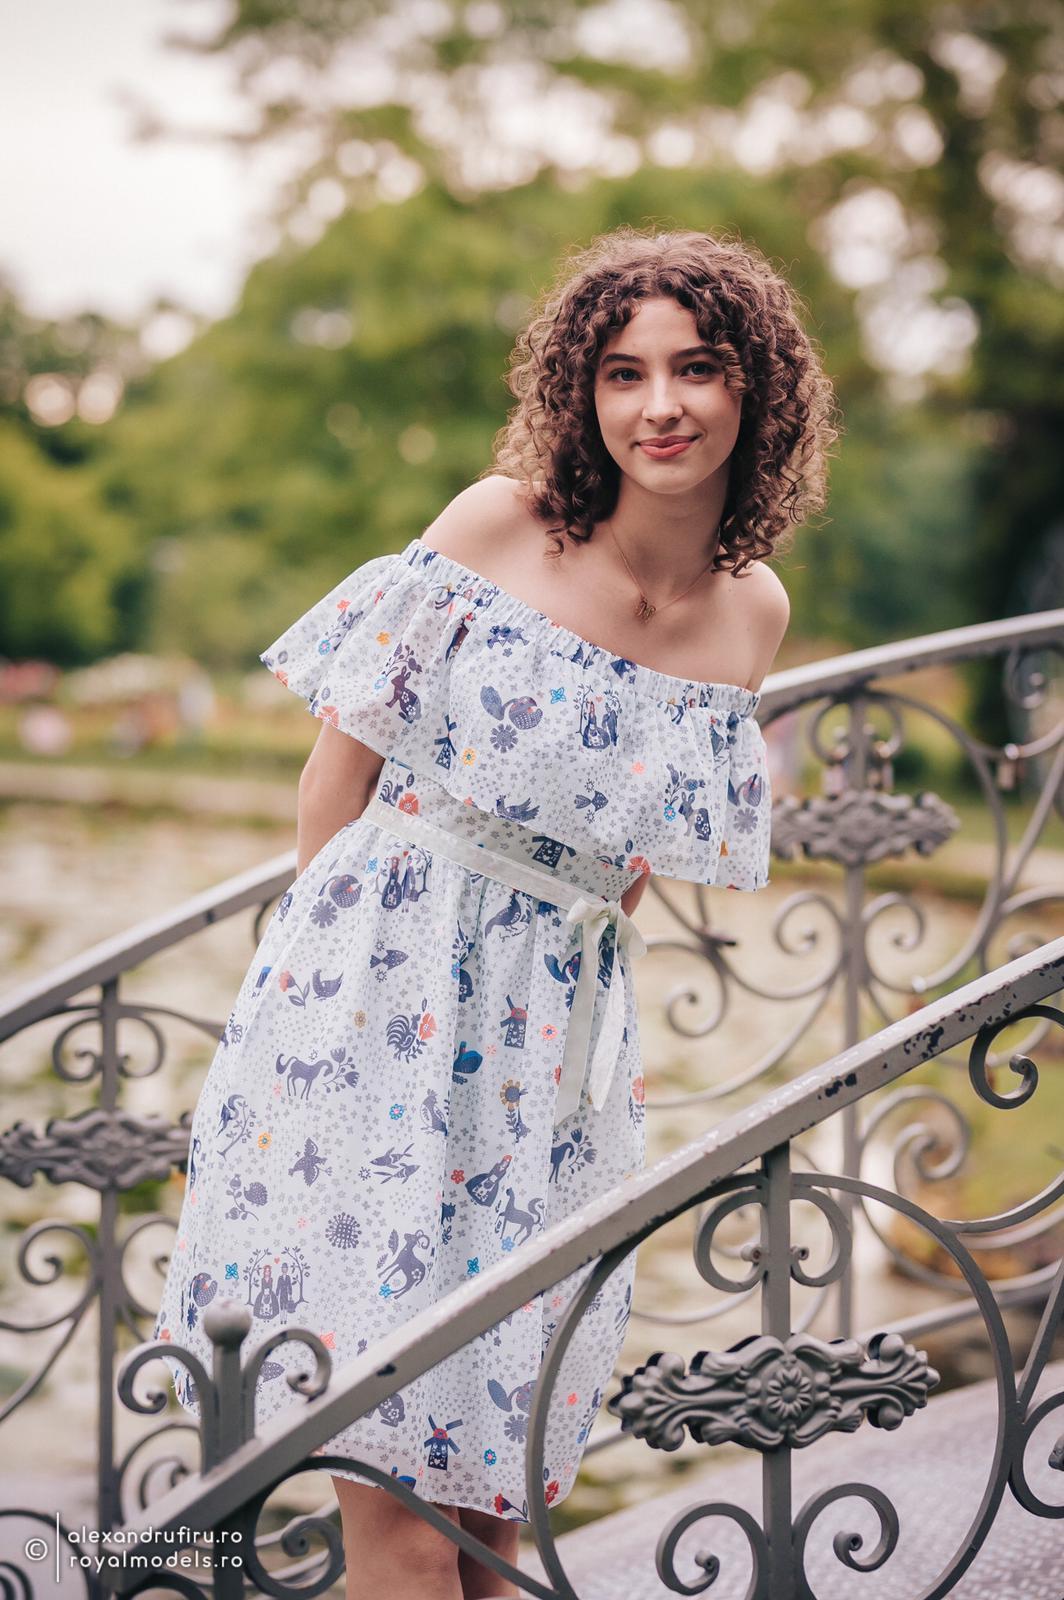 Theia Nețăr, eleva din Craiova care a obținut 10 la evaluarea națională după contestații